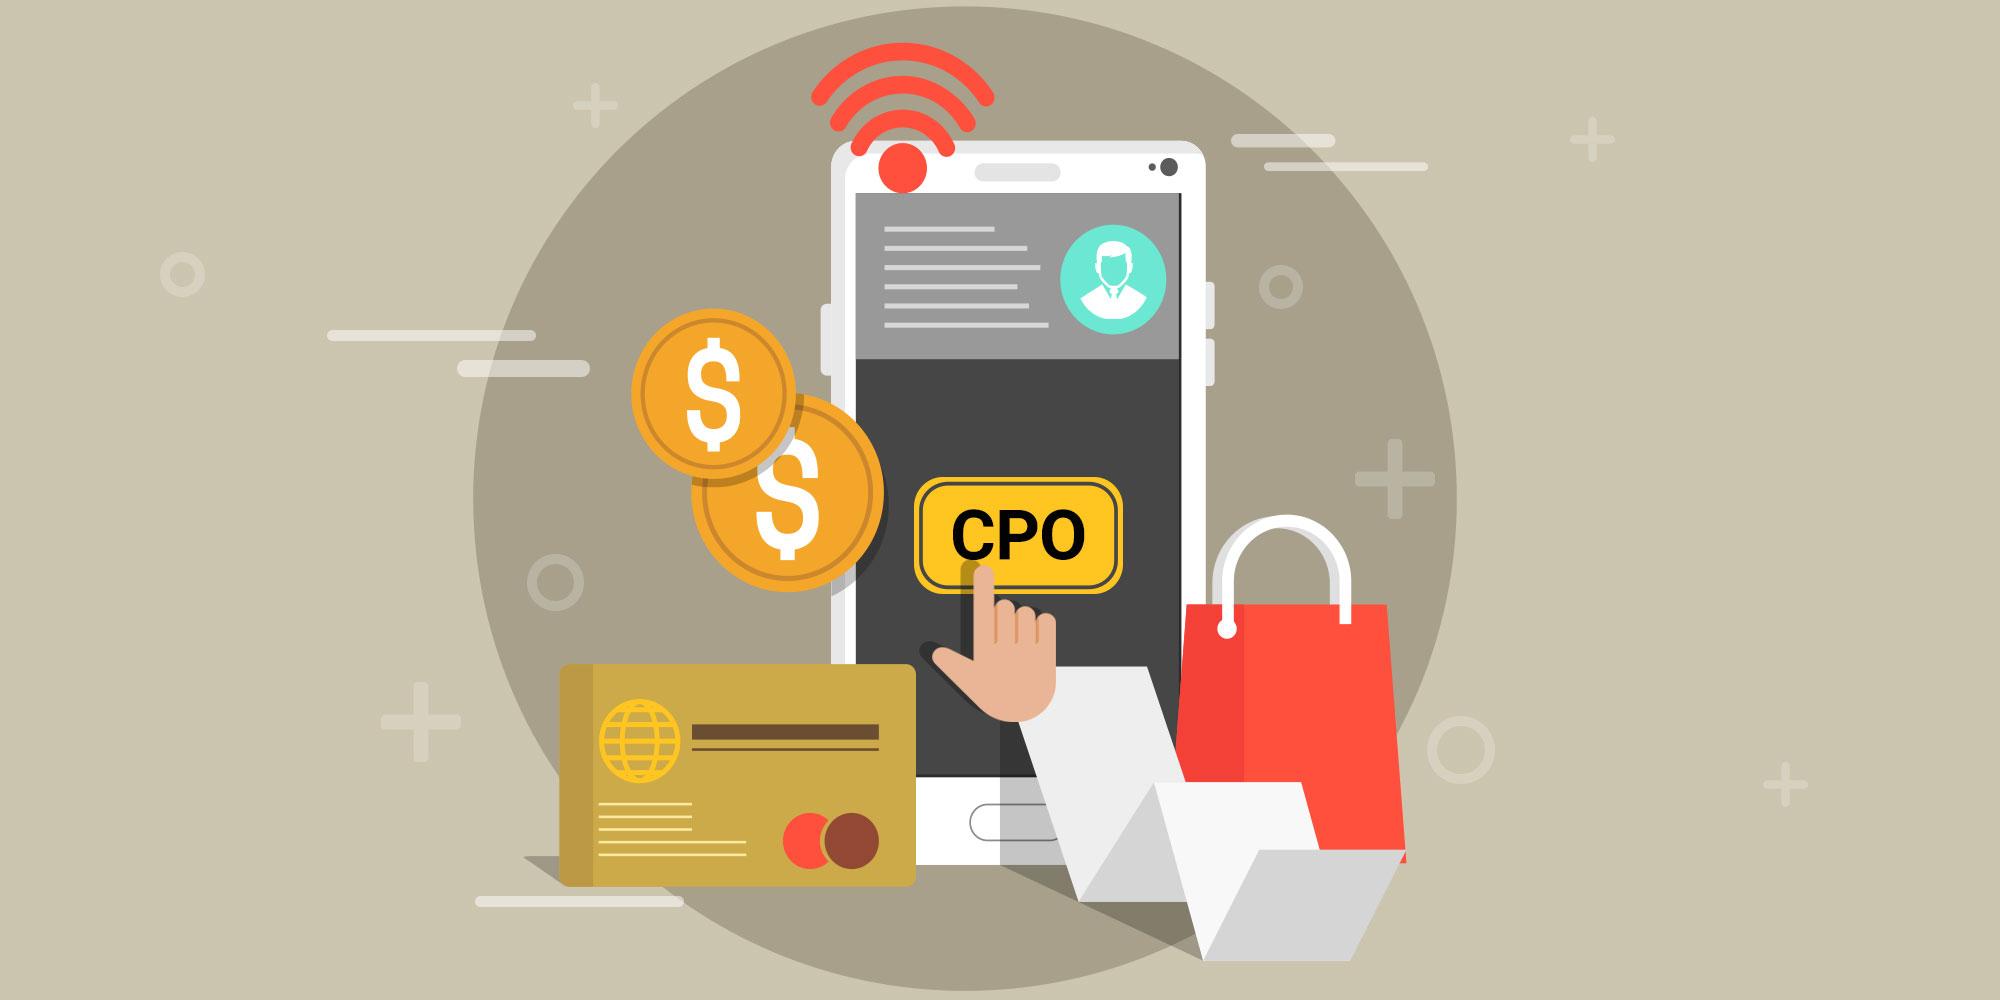 تبلیغات cpa چیست